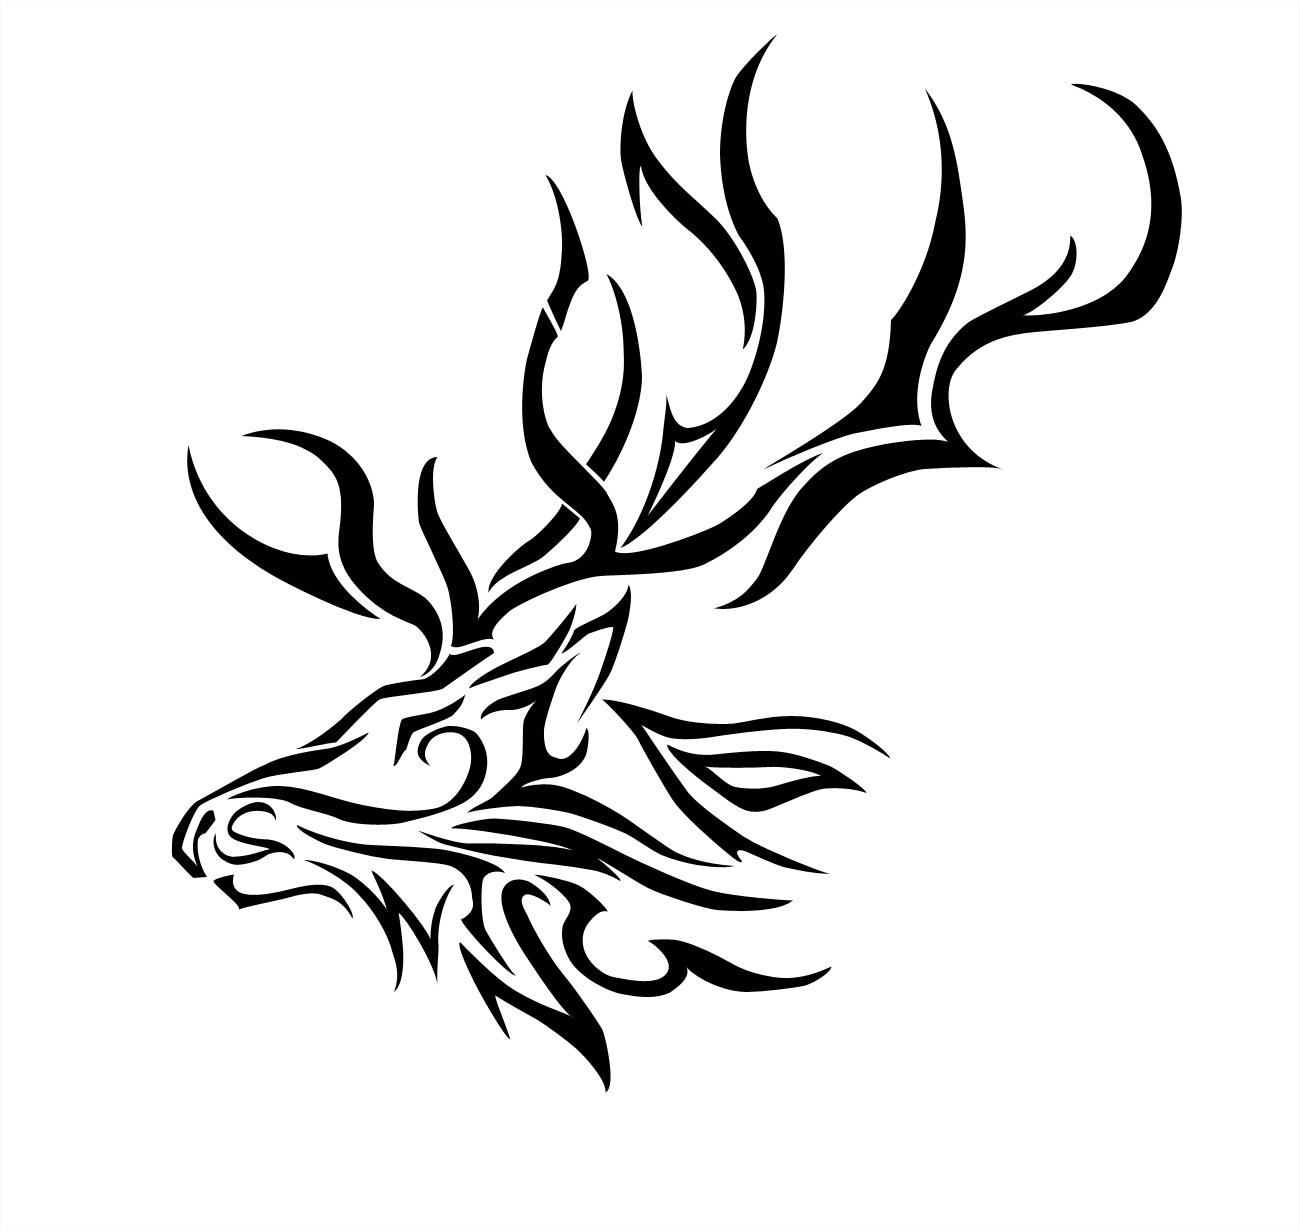 cow elk clipart - photo #23